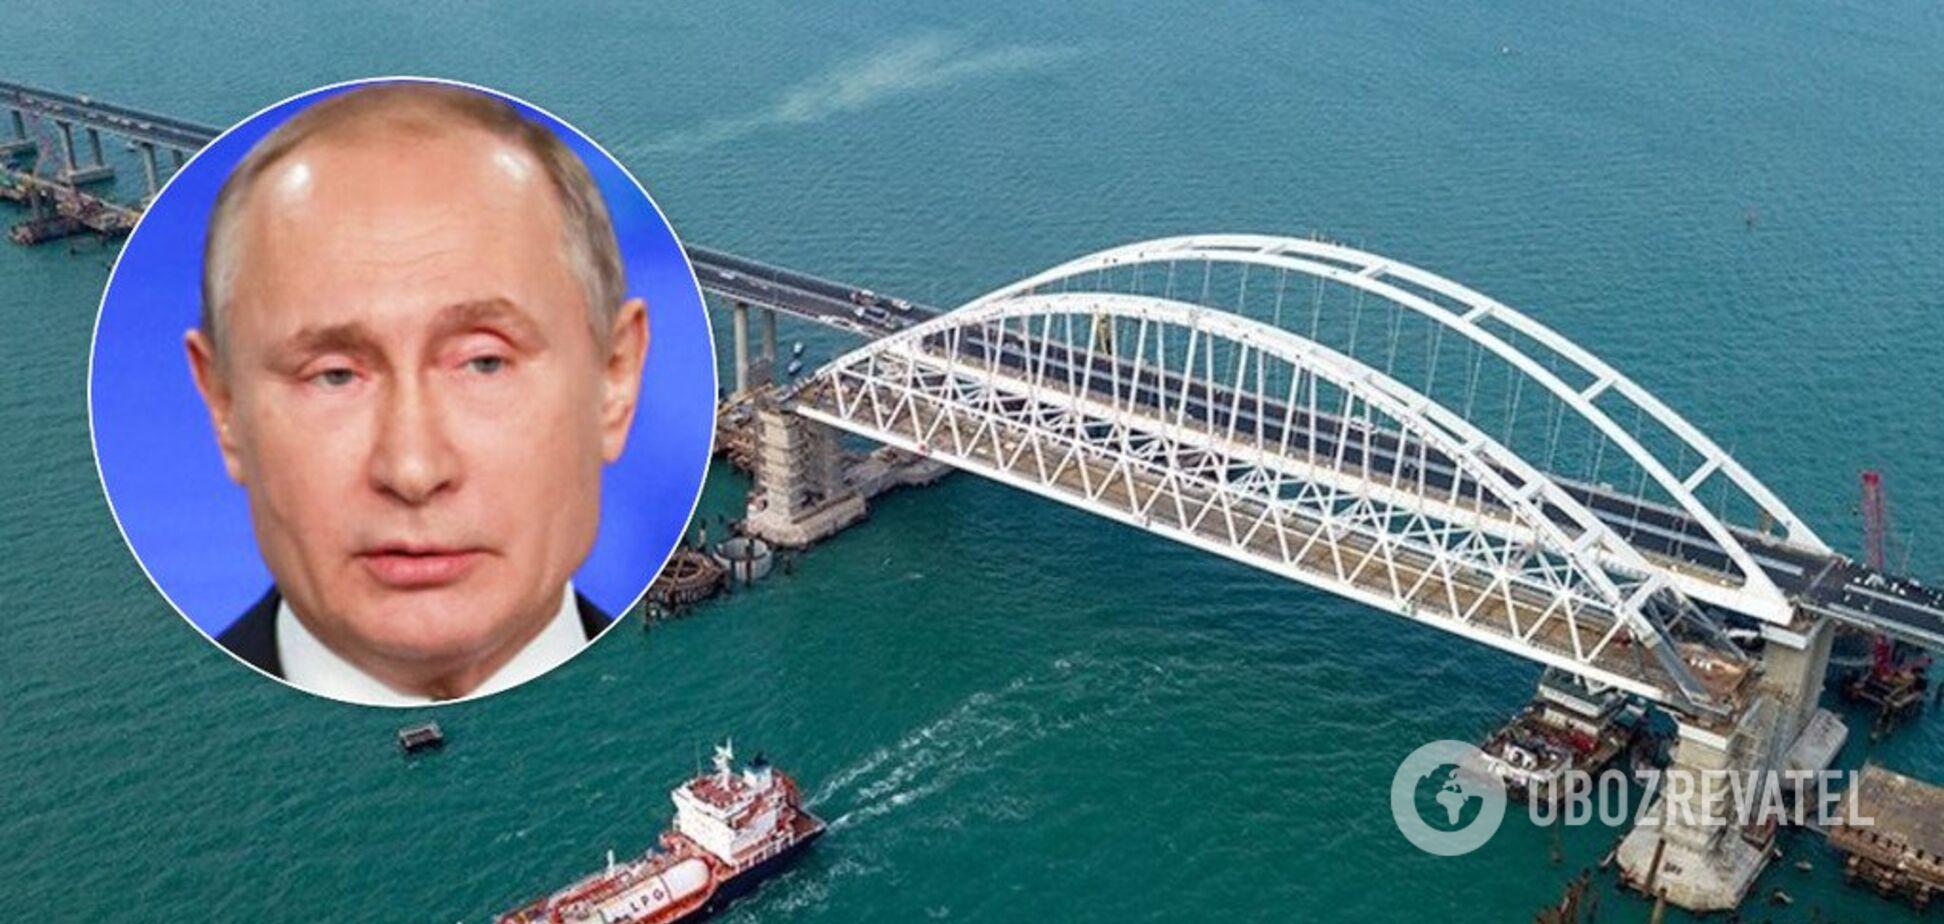 До $25 тисяч на добу! Стали відомі величезні збитки через приїзд Путіна до Криму